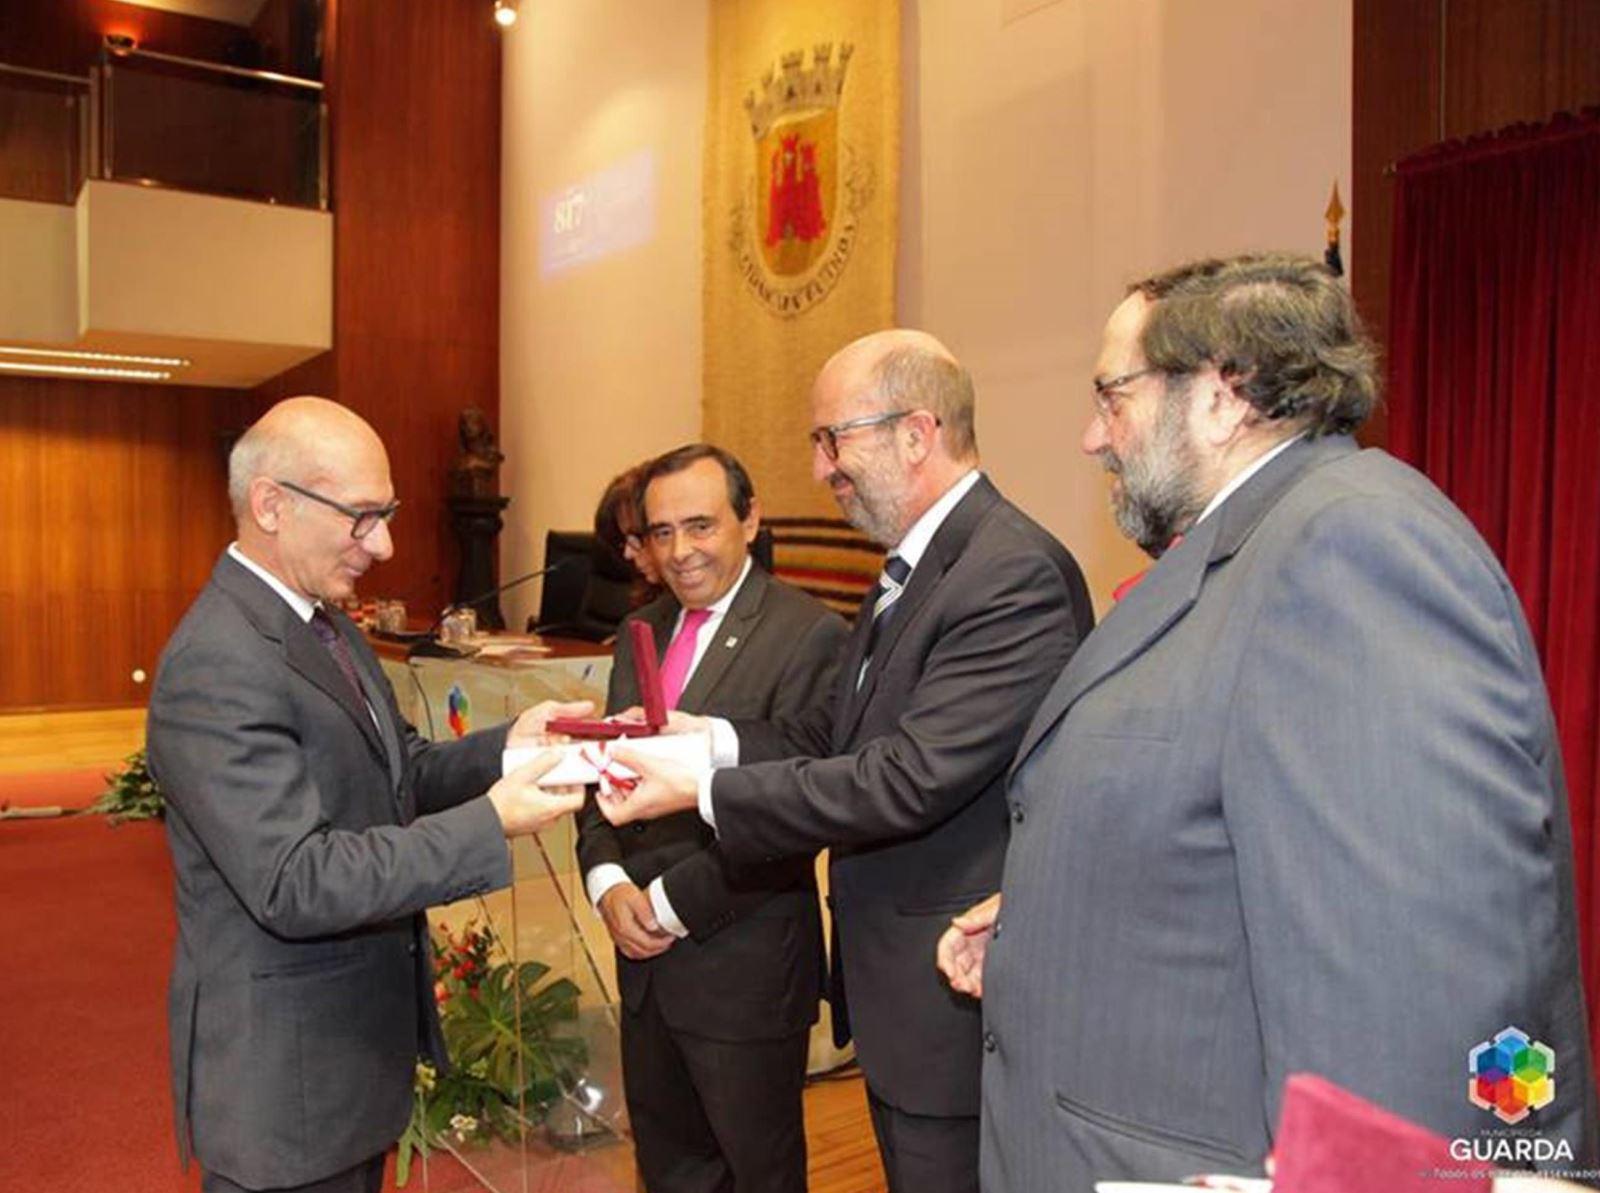 Guarda | Conservatório de Música agraciado com medalha de mérito